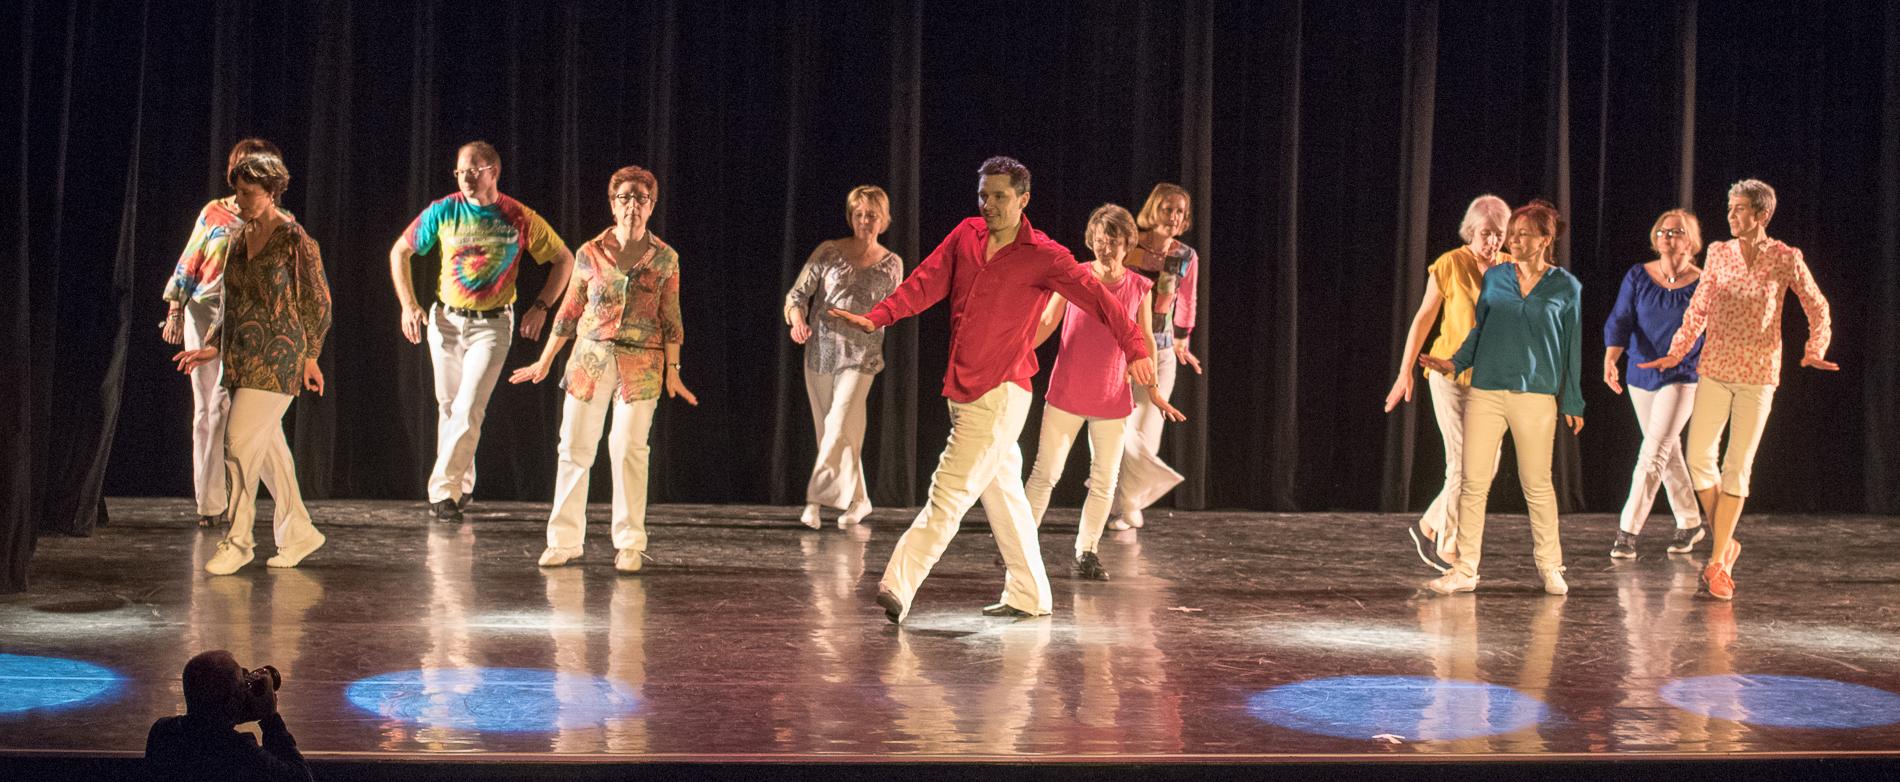 Les cours de danse de salon danse en ligne acces avon for Cours de danse de salon marseille